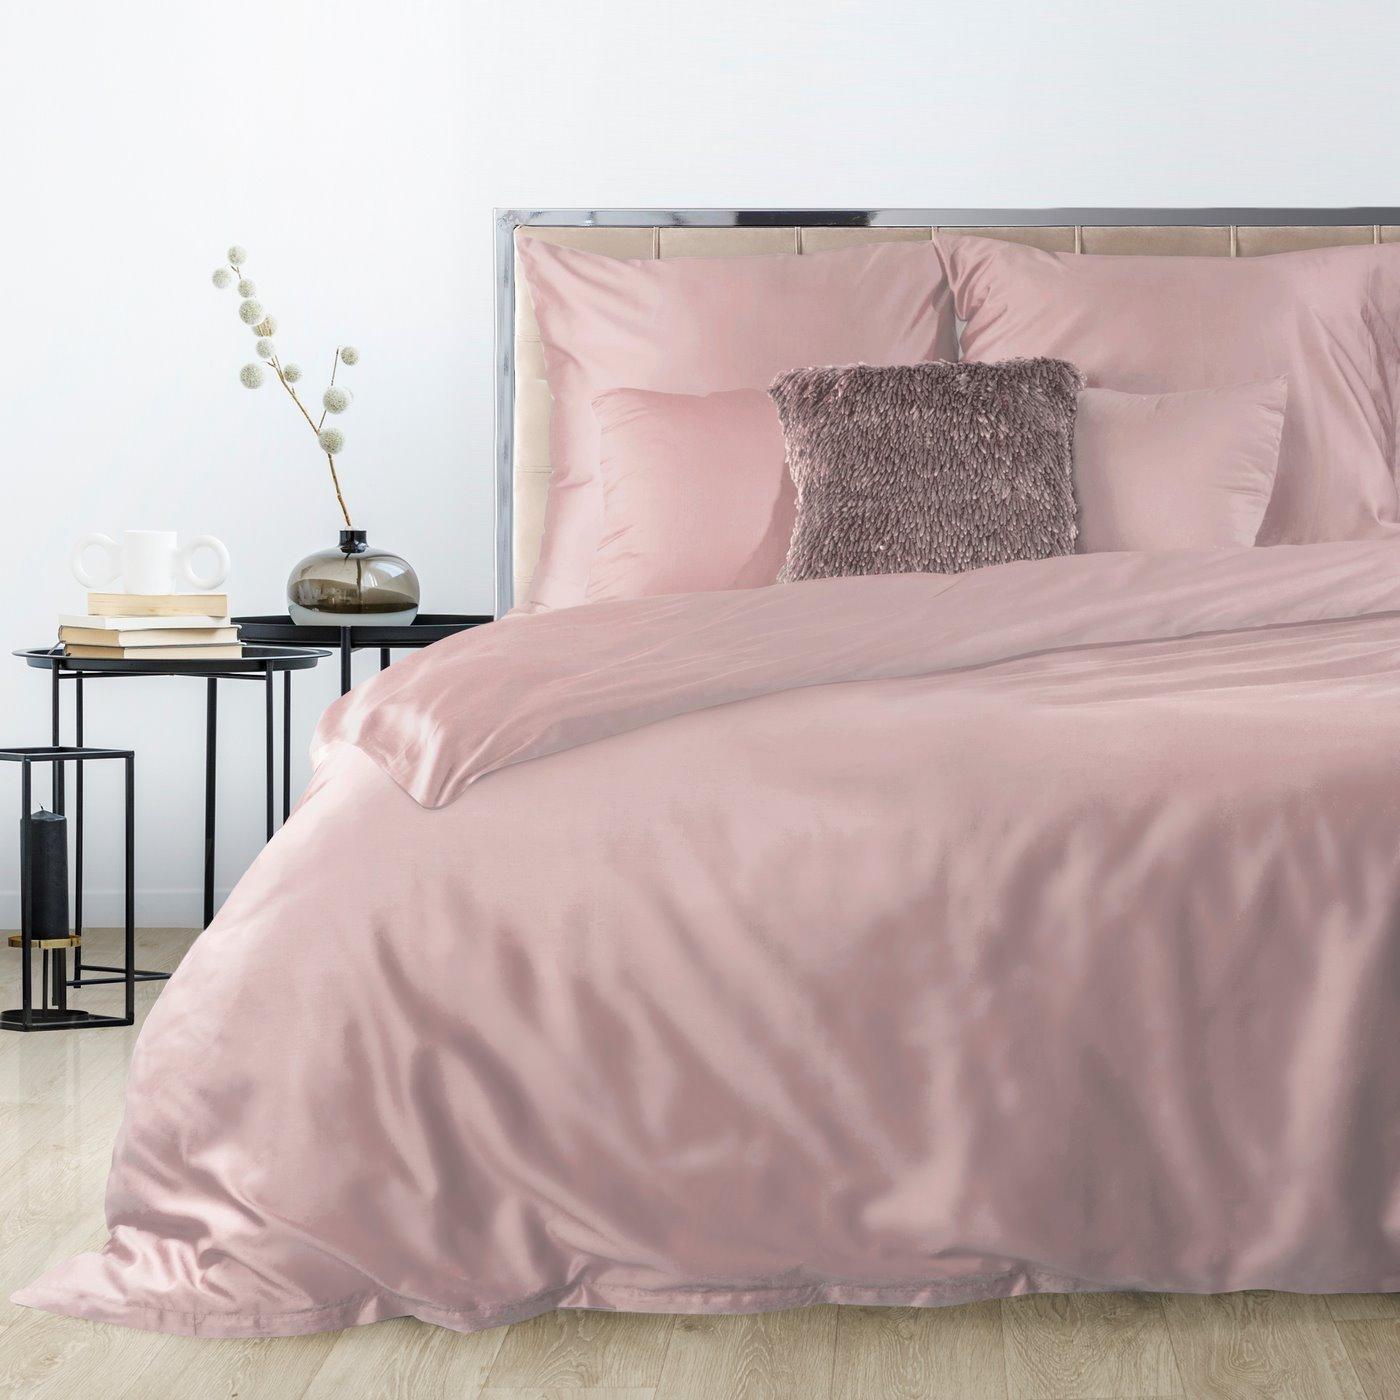 Komplet pościeli z makosatyny bawełnianej 140 x 200 cm, 1szt. 70 x 80 cm, pudrowy róż